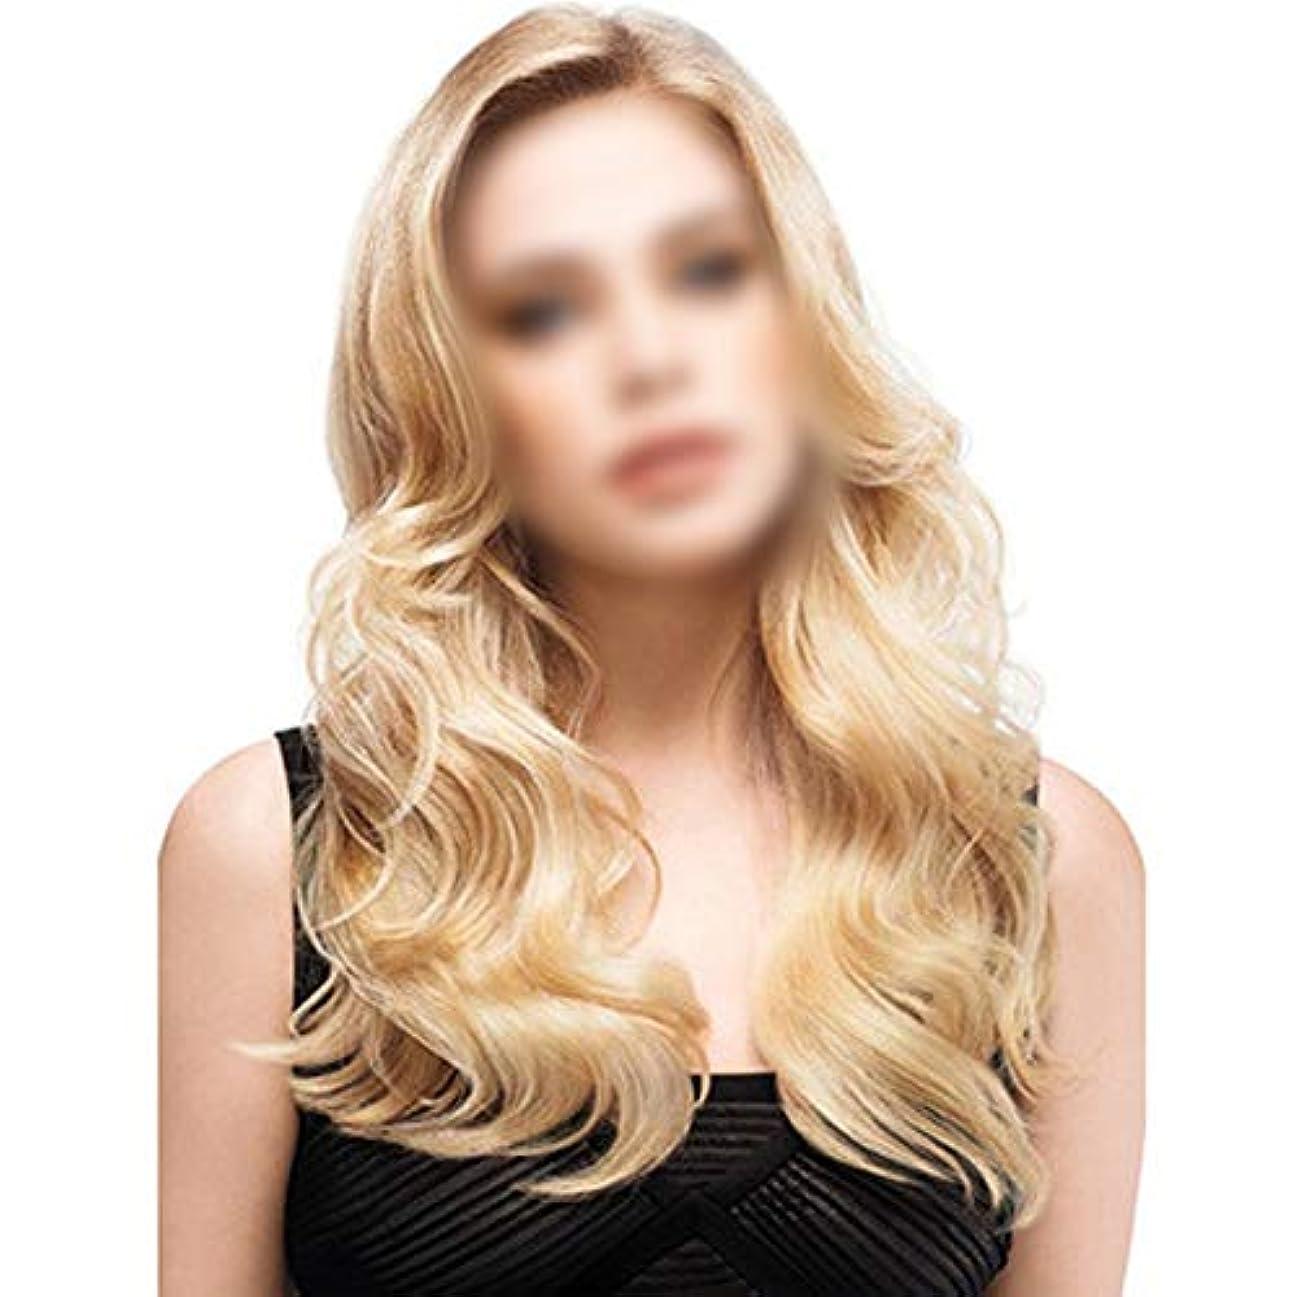 キャビンペニー鑑定WASAIO 女性のためのスタイルの交換のための長い巻き毛の波状のブロンドのかつらアクセサリー毎日のドレス耐熱繊維+キャップ (色 : Blonde, サイズ : 65cm)